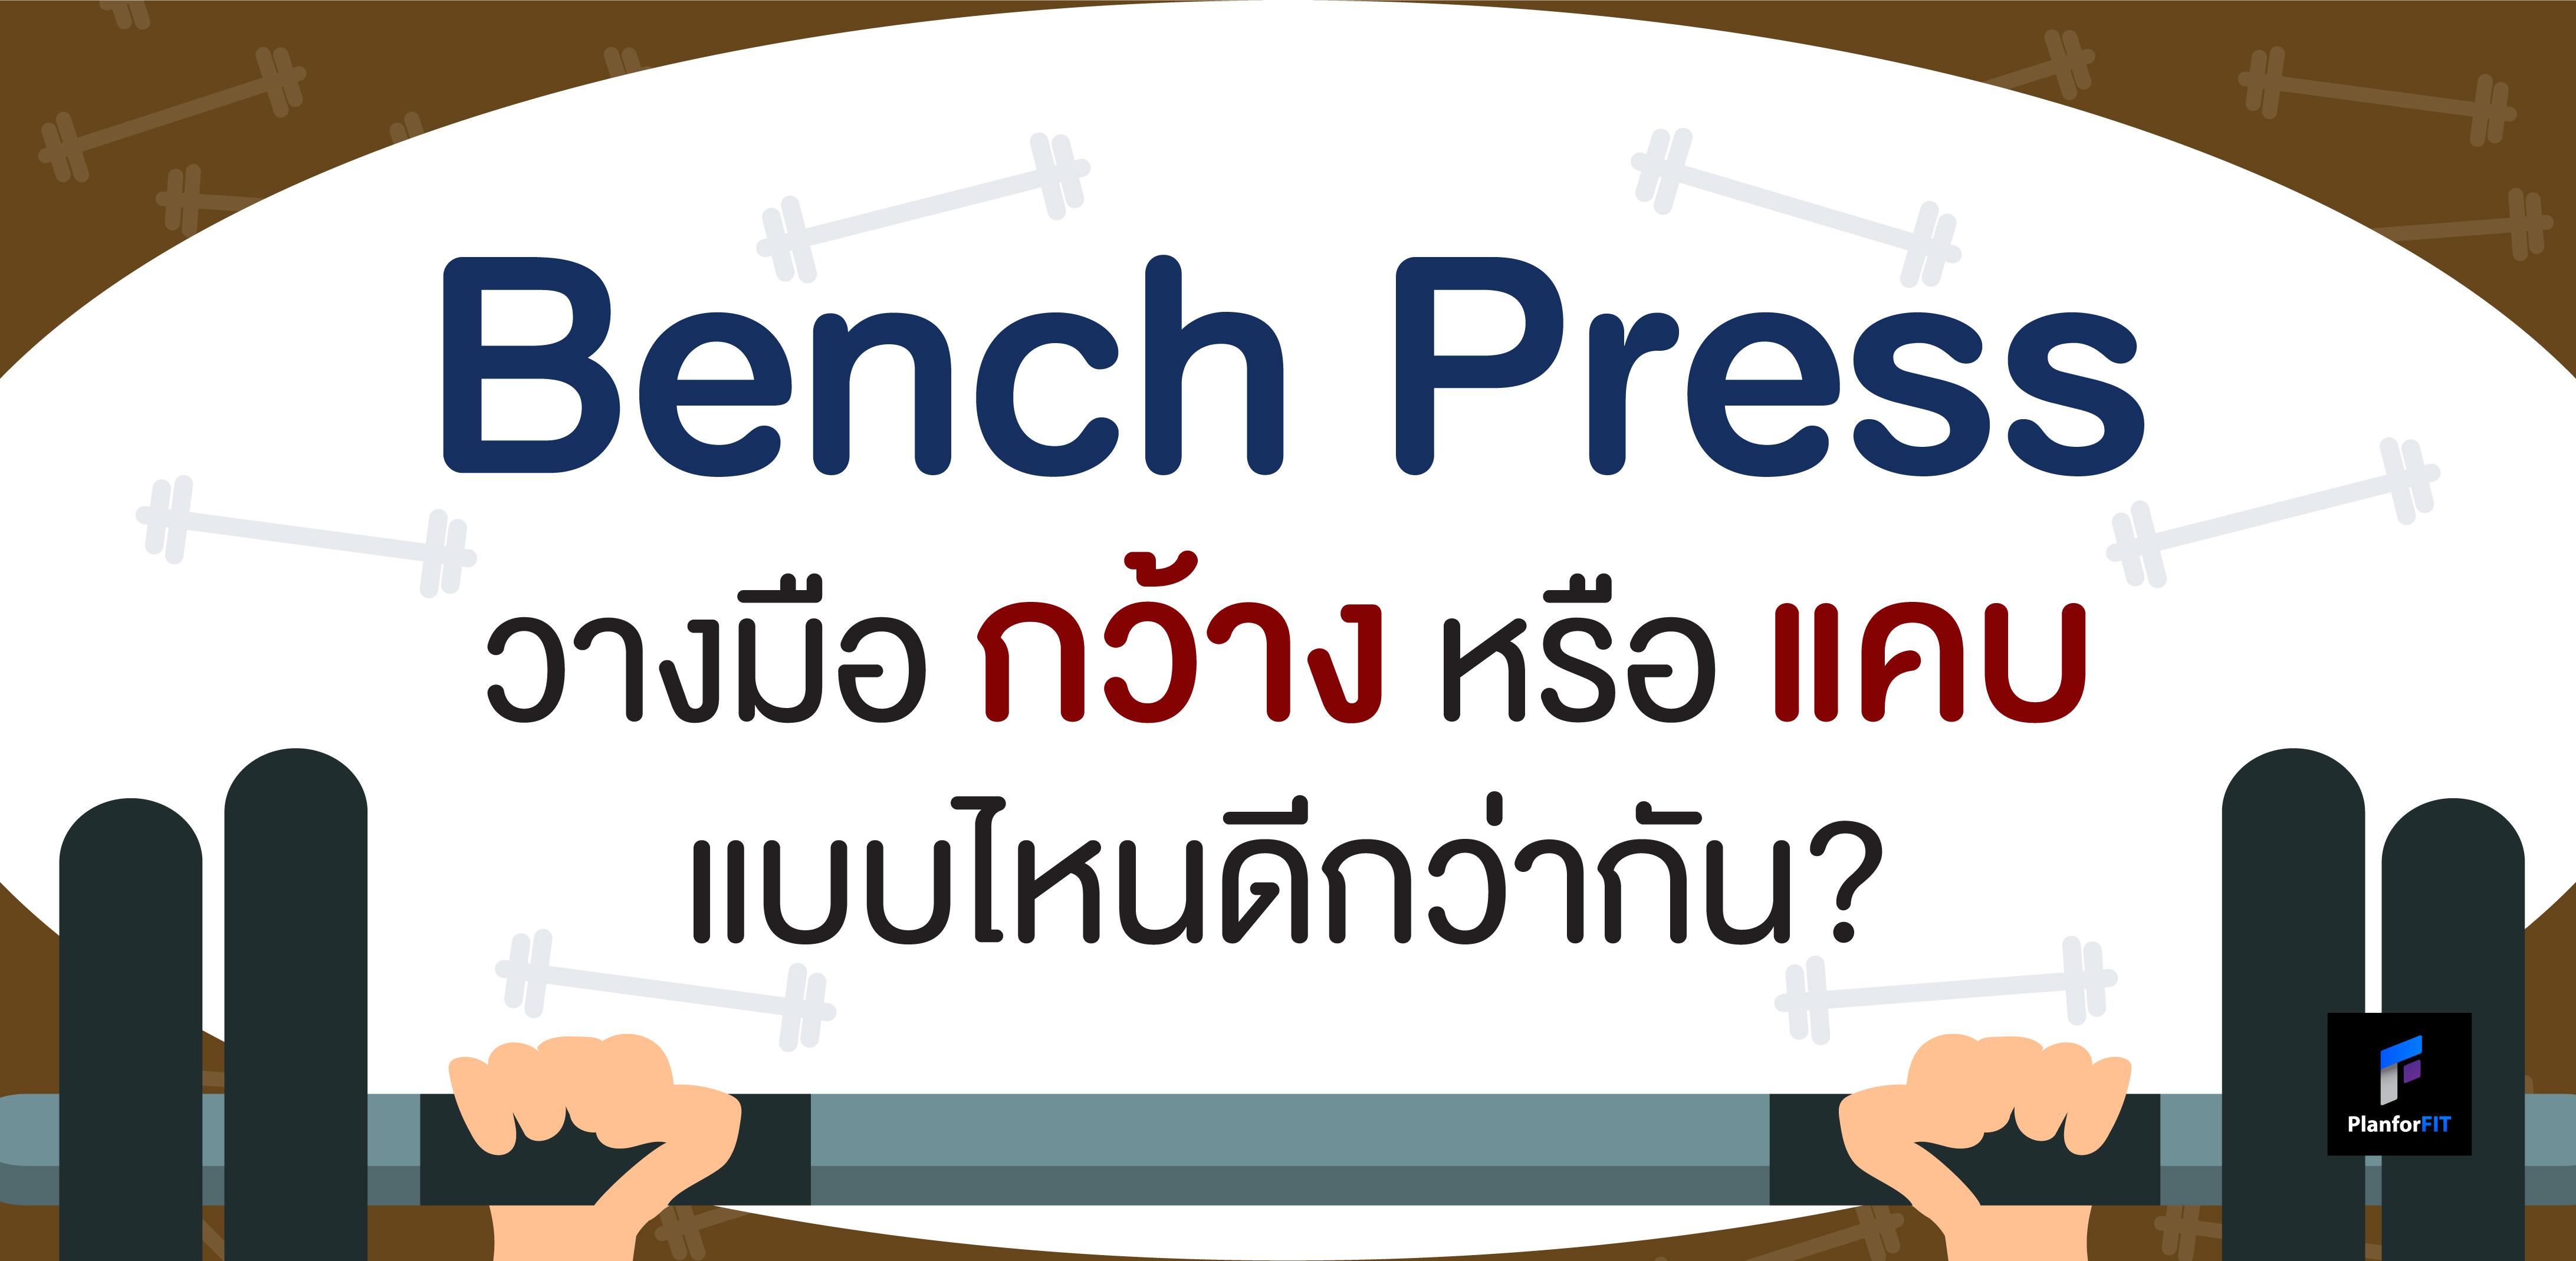 """Bench Press: วางมือ """"กว้าง"""" หรือ """"แคบ"""" แบบไหนดีกว่ากัน"""